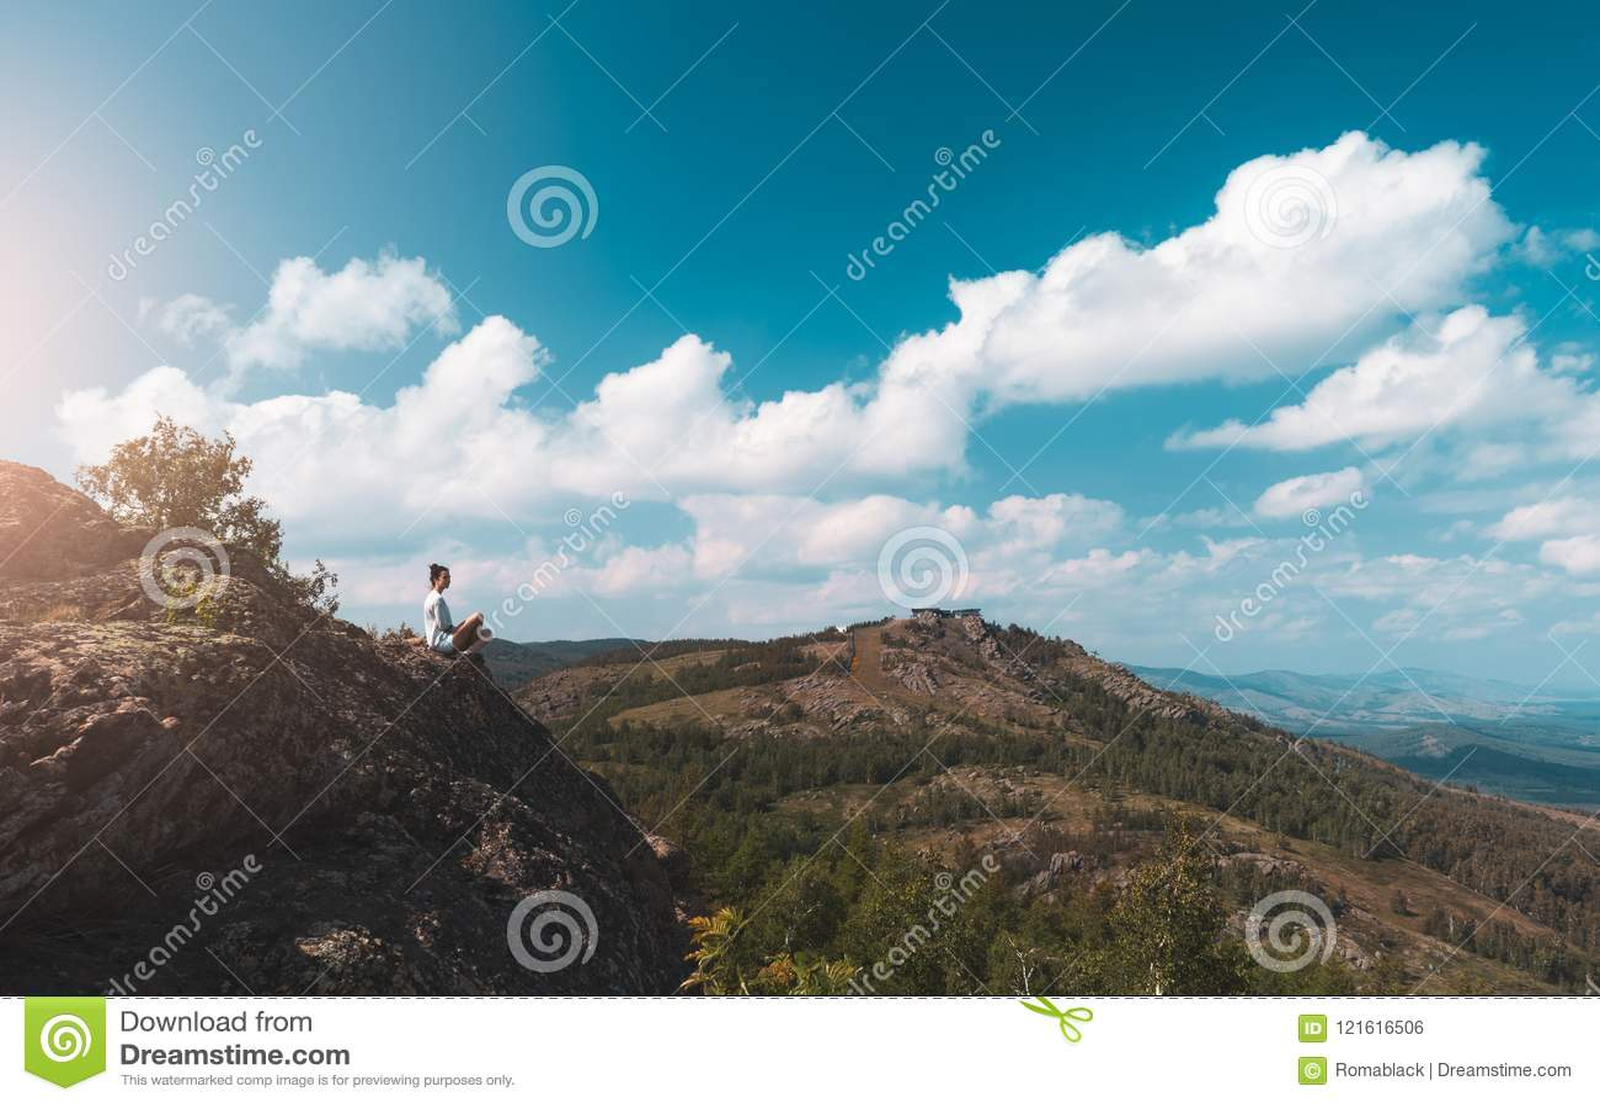 妇女摄影师拍一个山风景的照片在照相机的